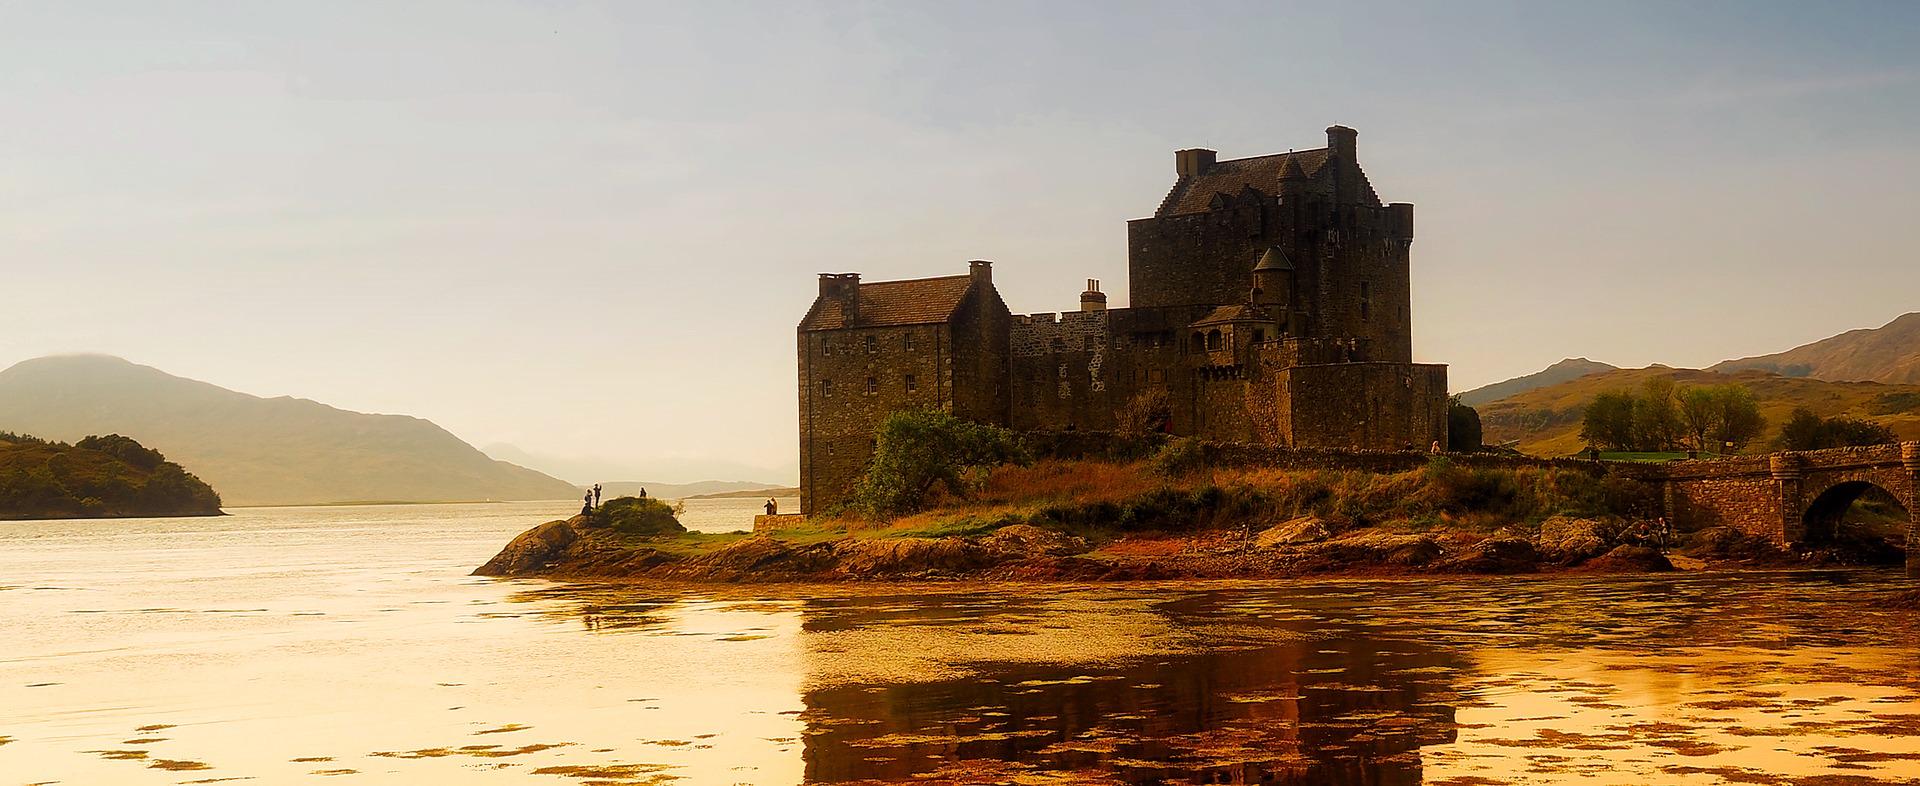 Scotland Cottages by  eilean donan castle